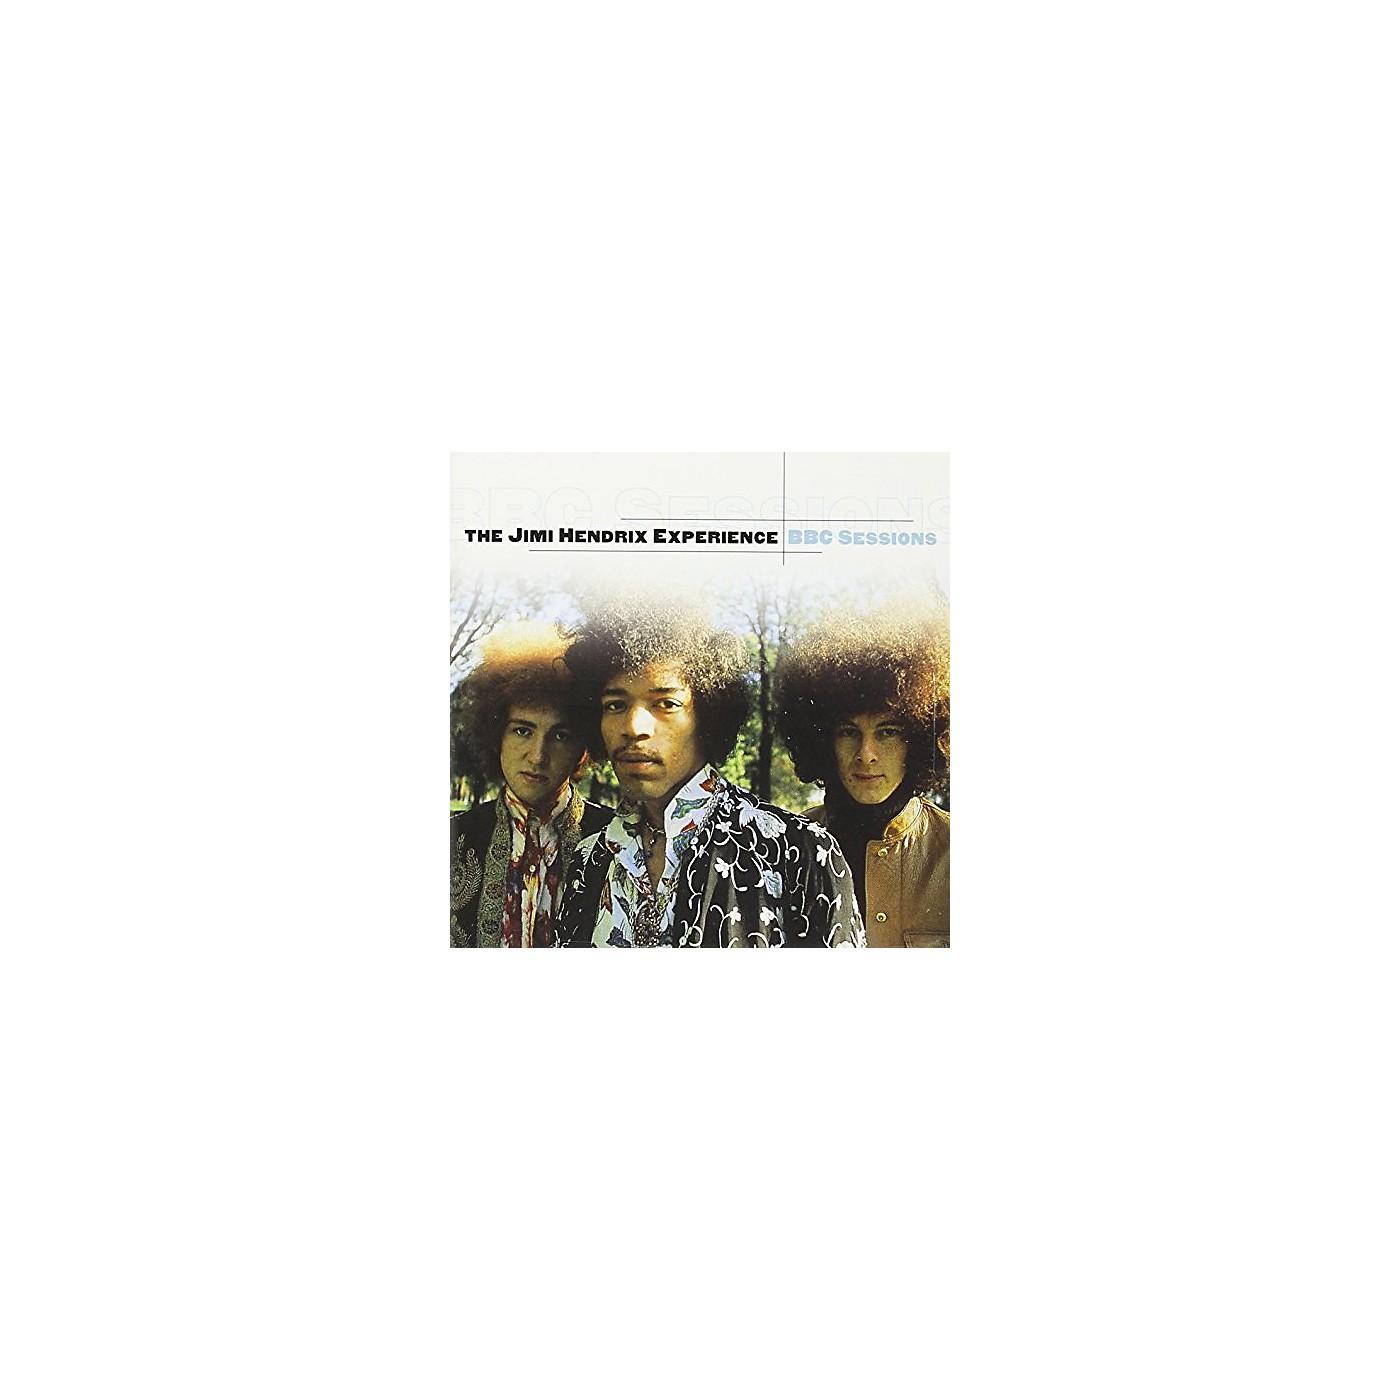 Alliance Jimi Hendrix - BBC Sessions (CD) thumbnail